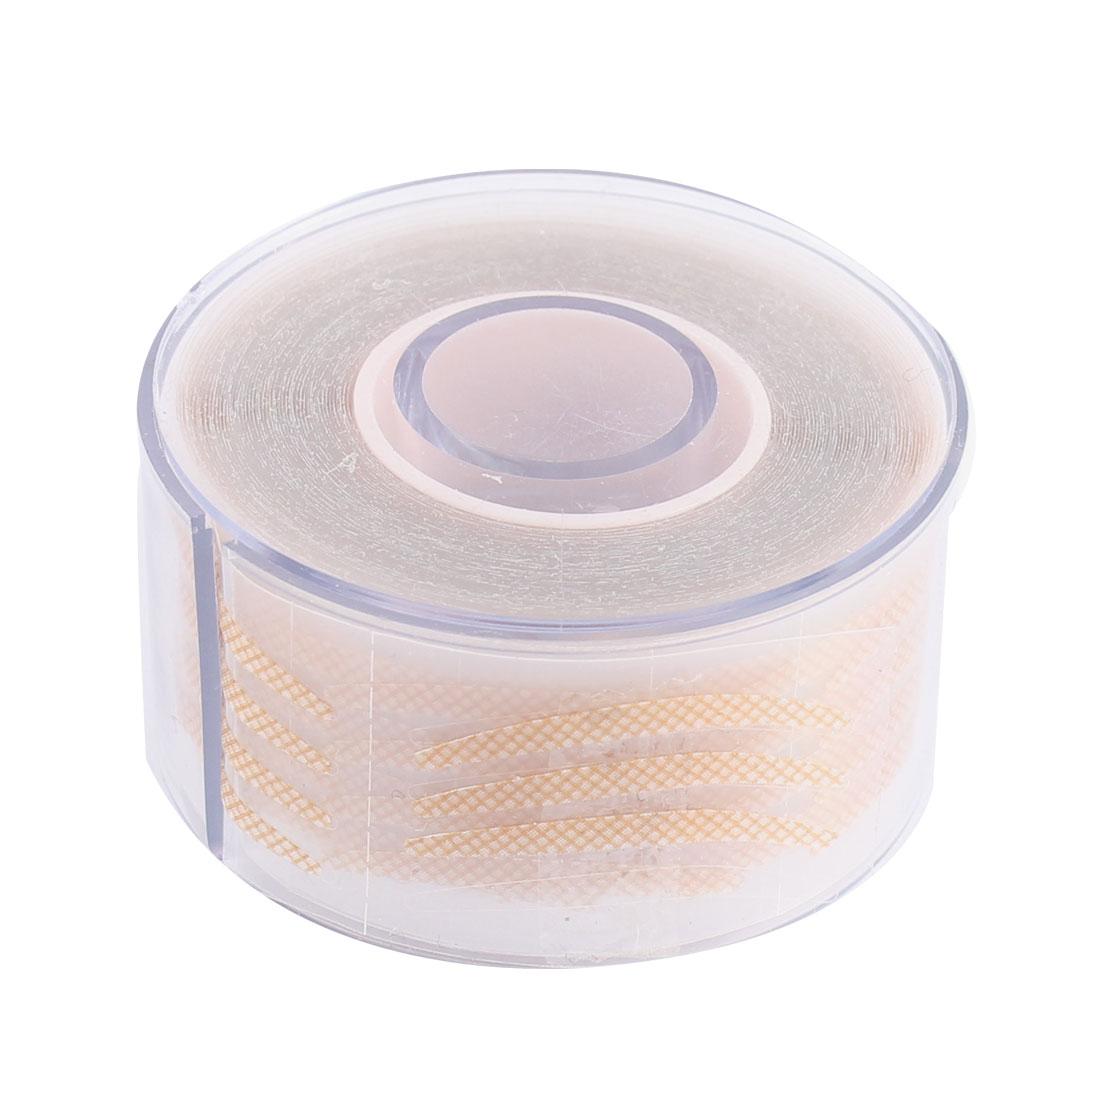 150 Pairs Eyes Beauty Tool Khaki Double Eyelid Tape Adhesive Stickers